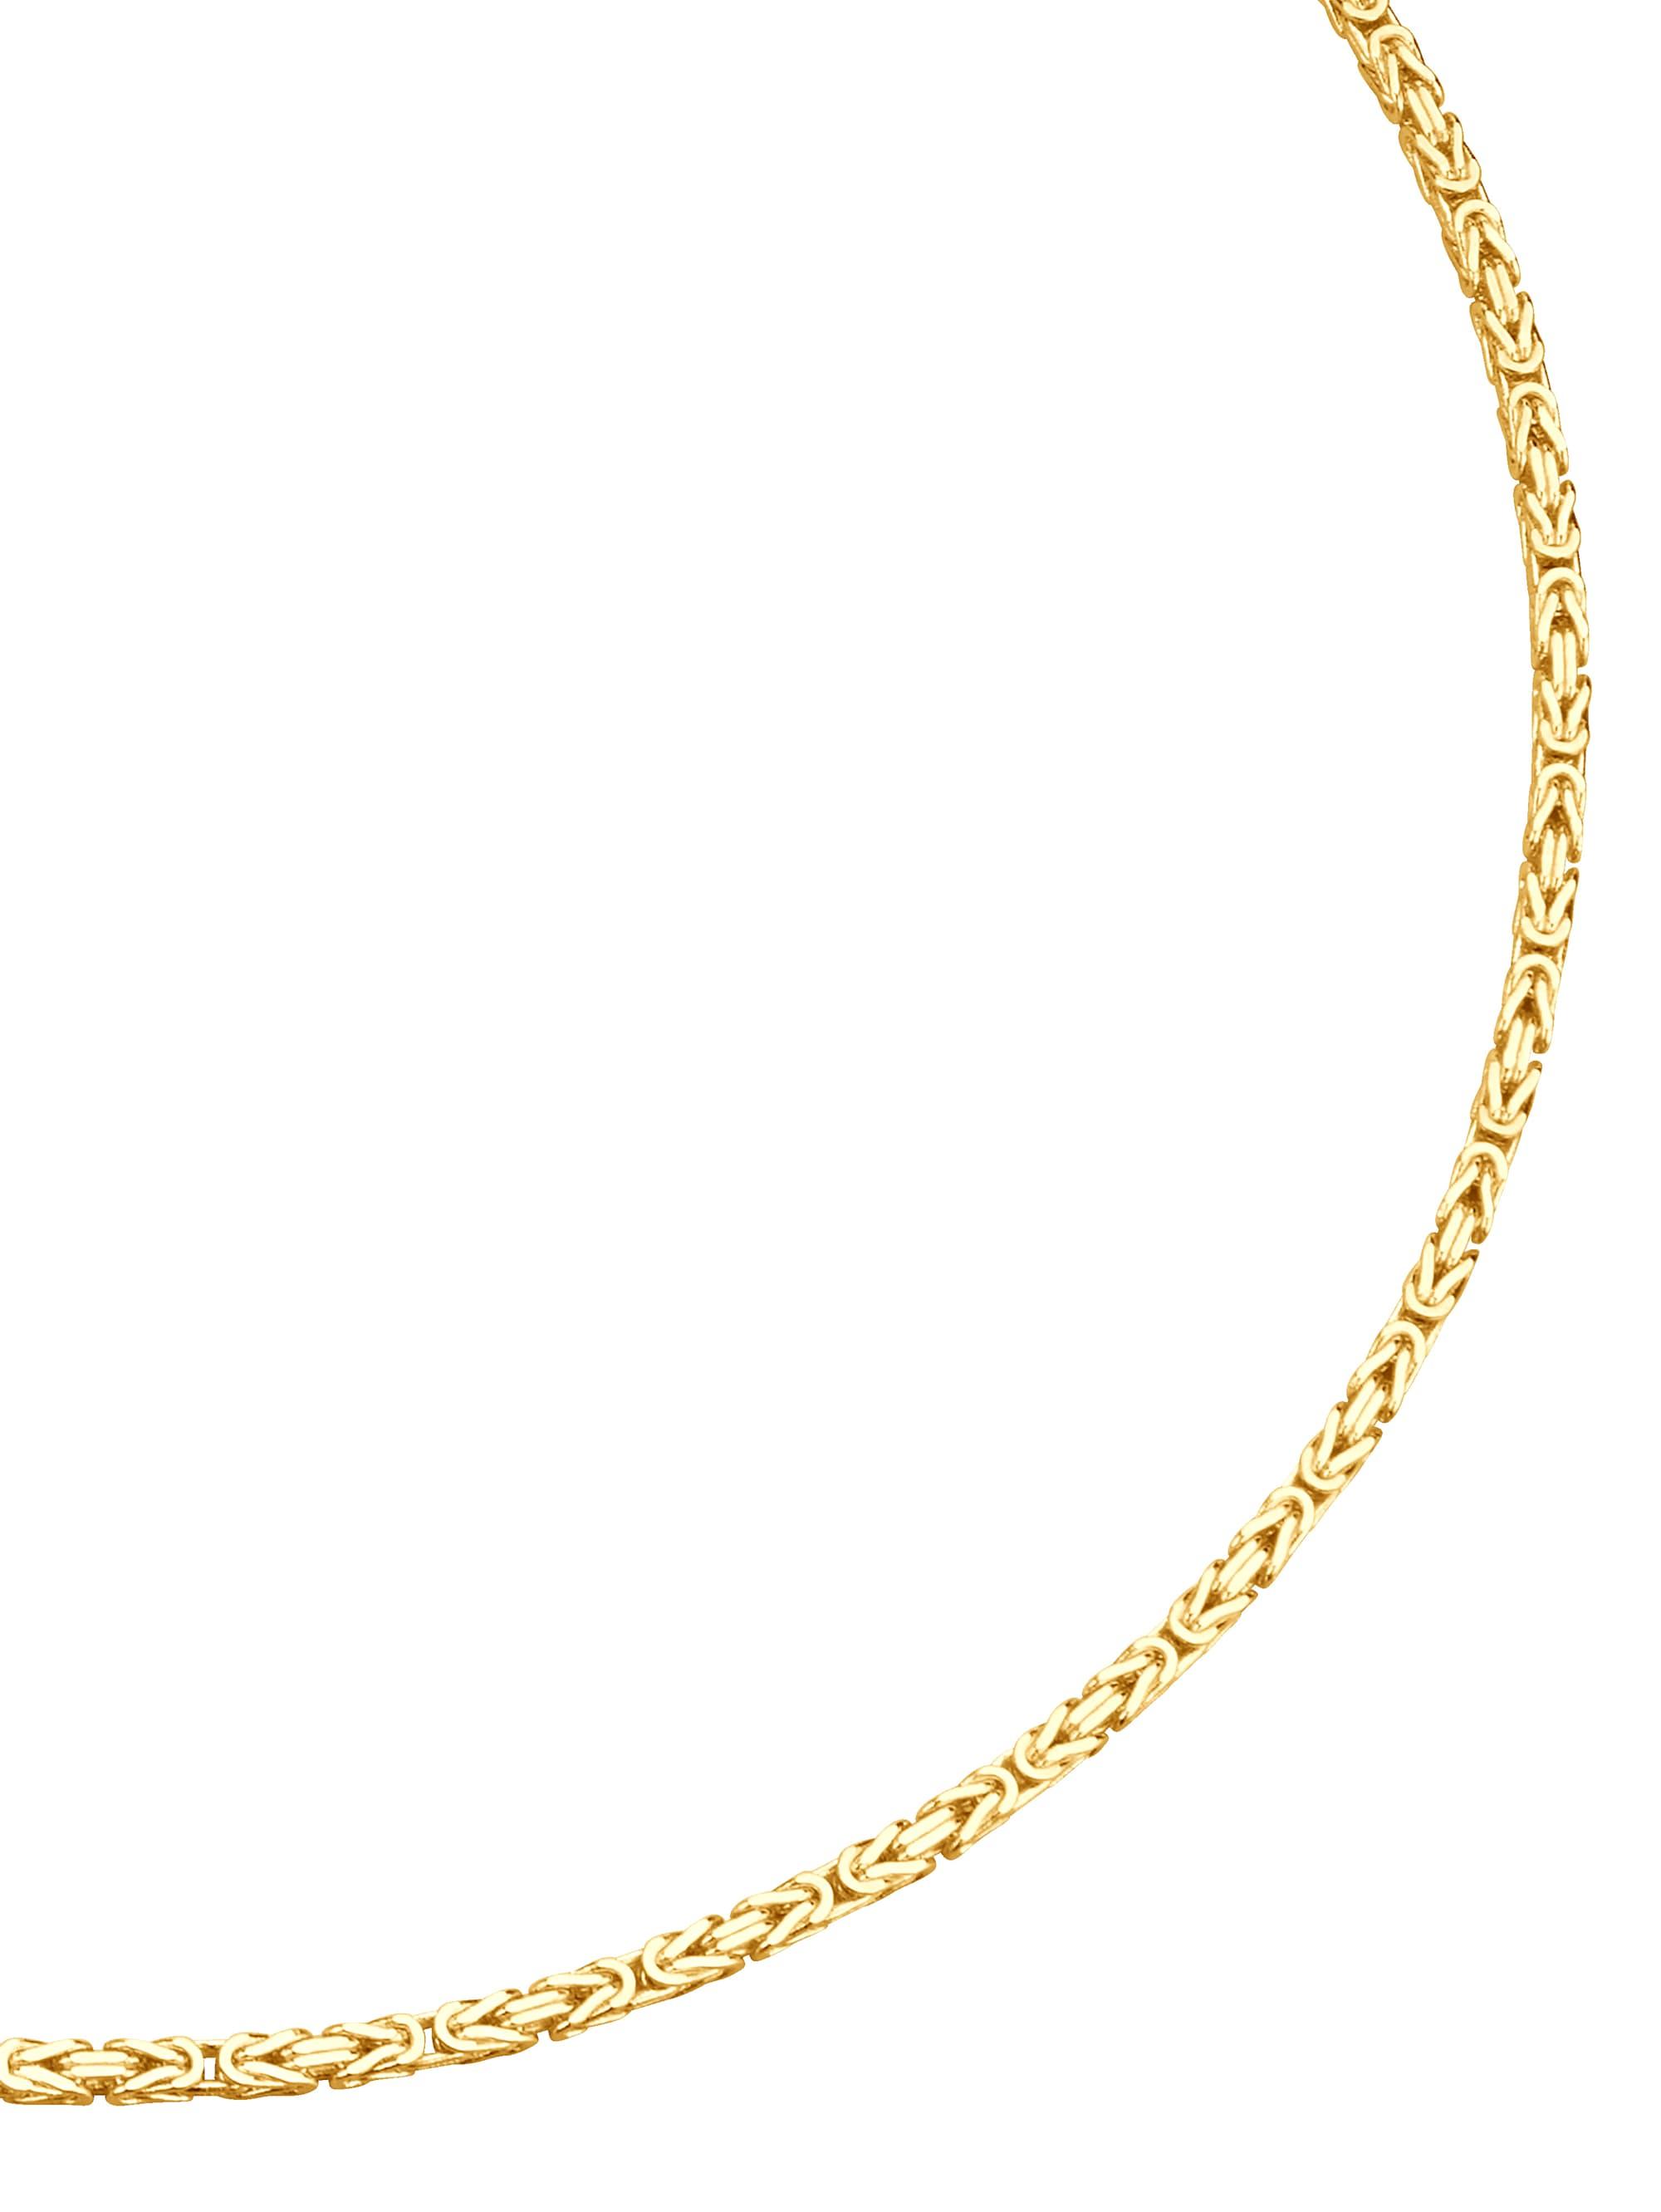 Königskette in Gelbgold a13Qe